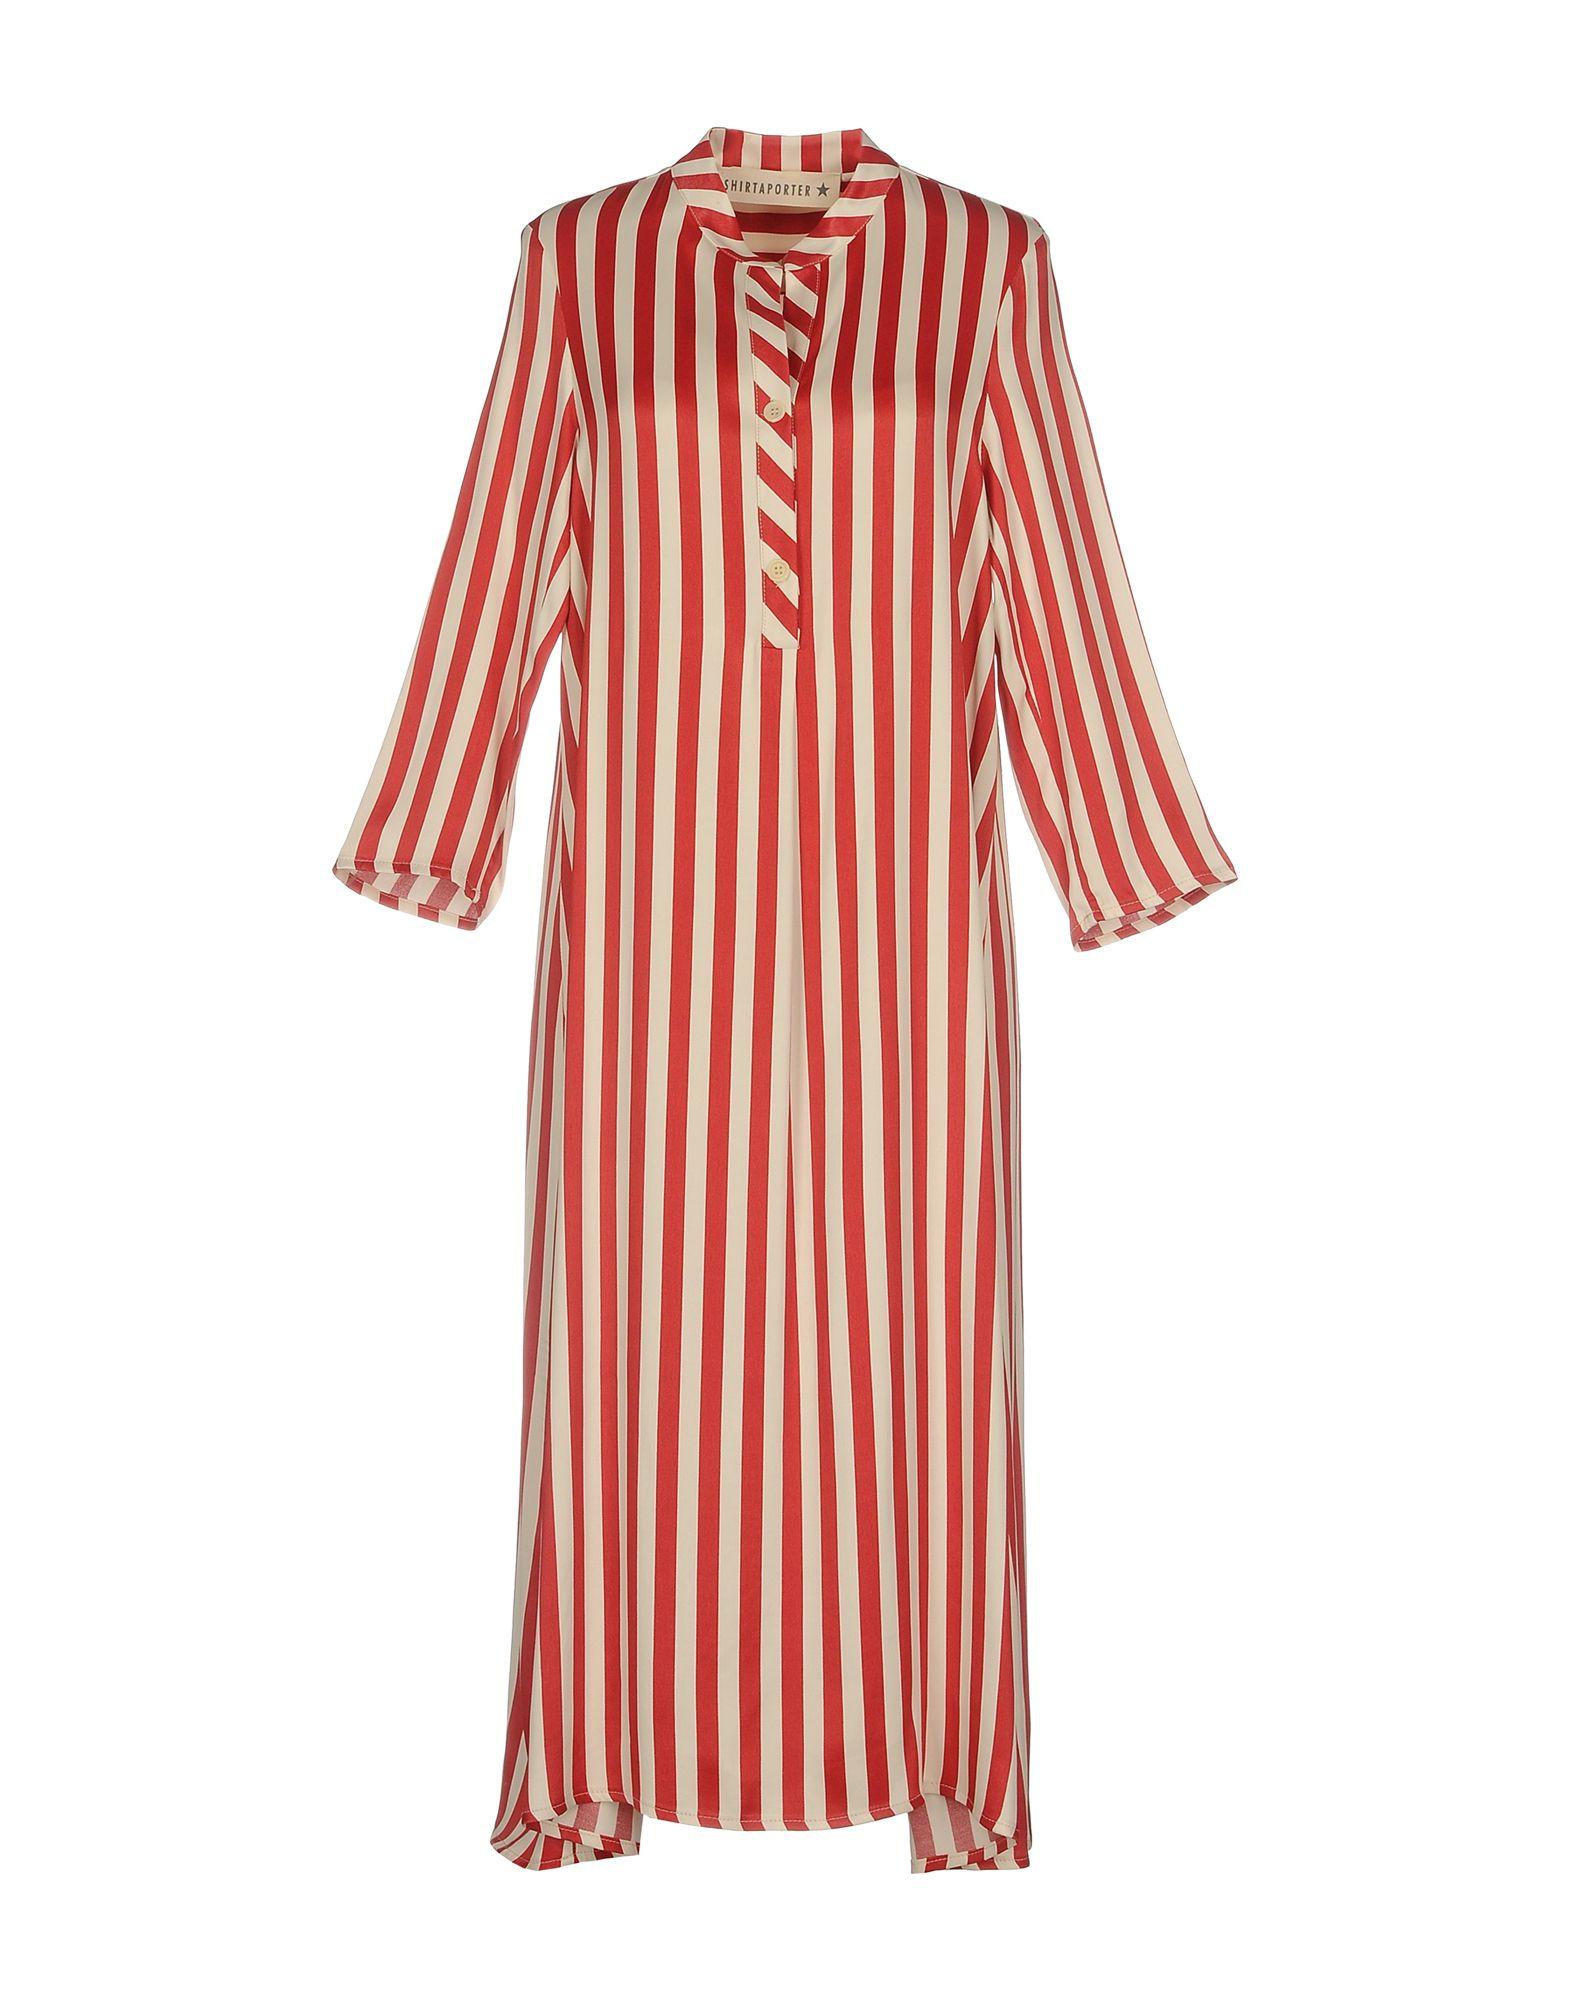 SHIRTAPORTER Платье длиной 3/4 lisa corti платье длиной 3 4